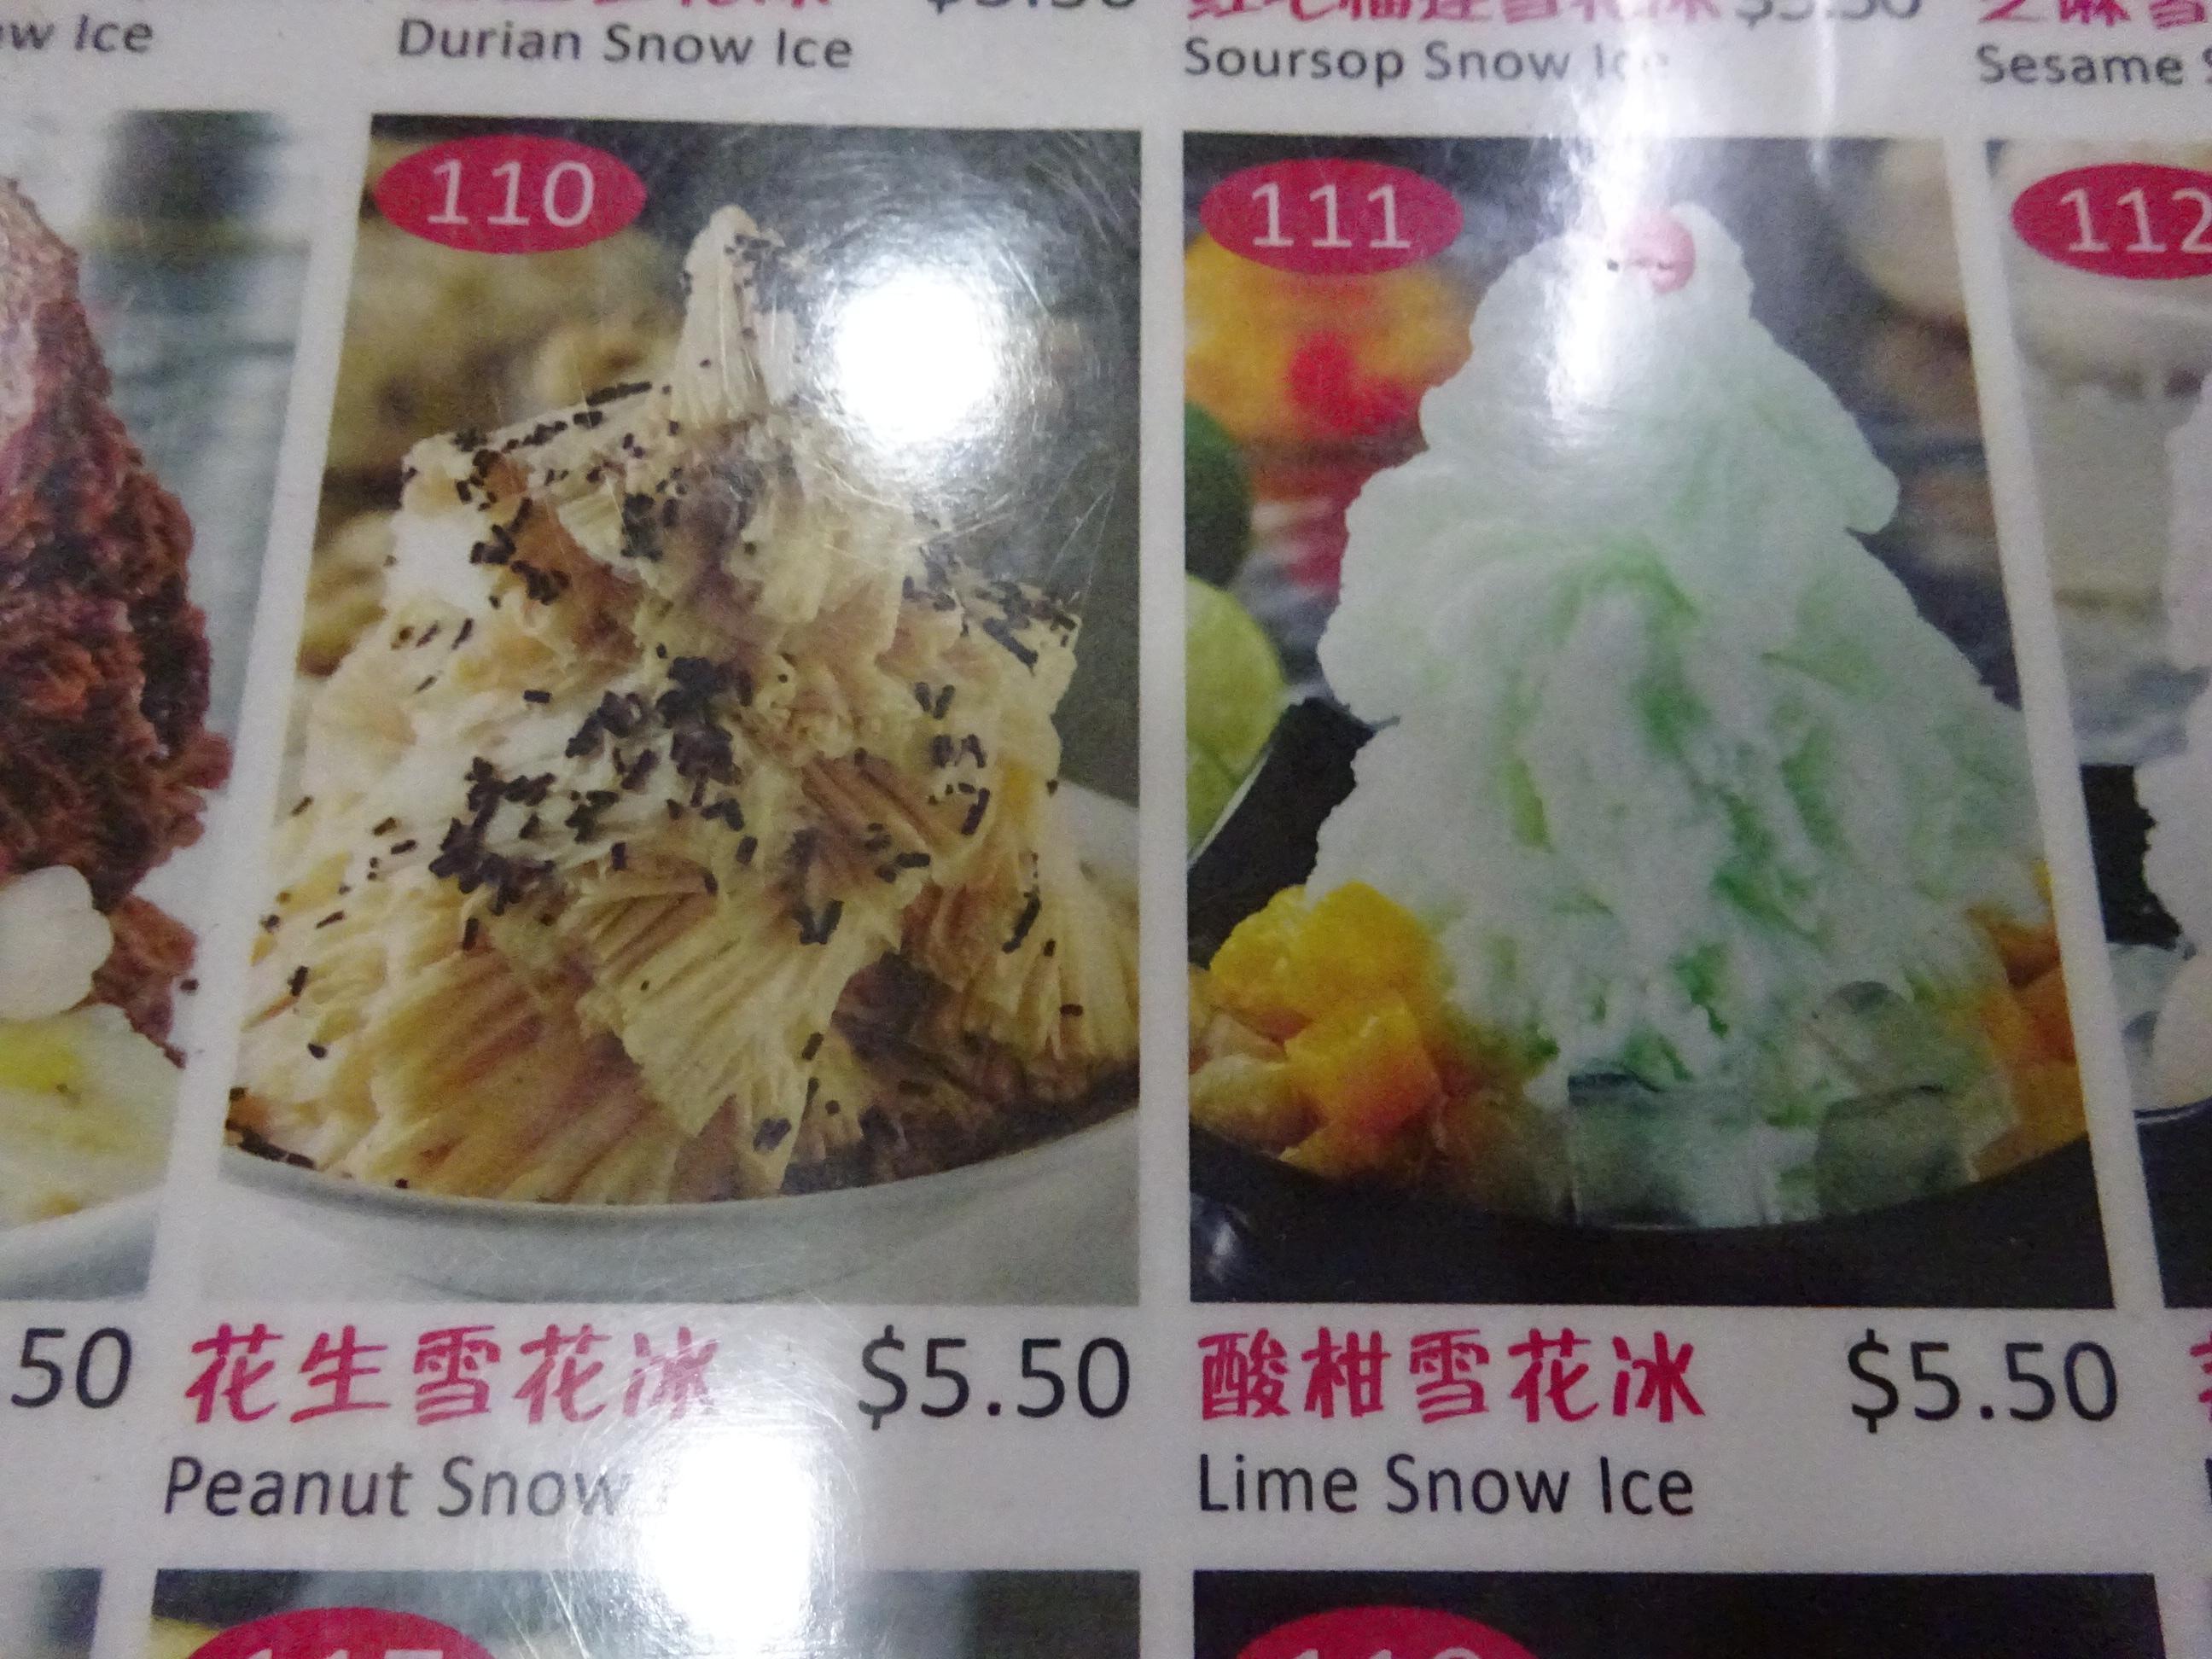 「味香園甜品(Mei Heong Yuen Dessert)」のピーナッツかき氷